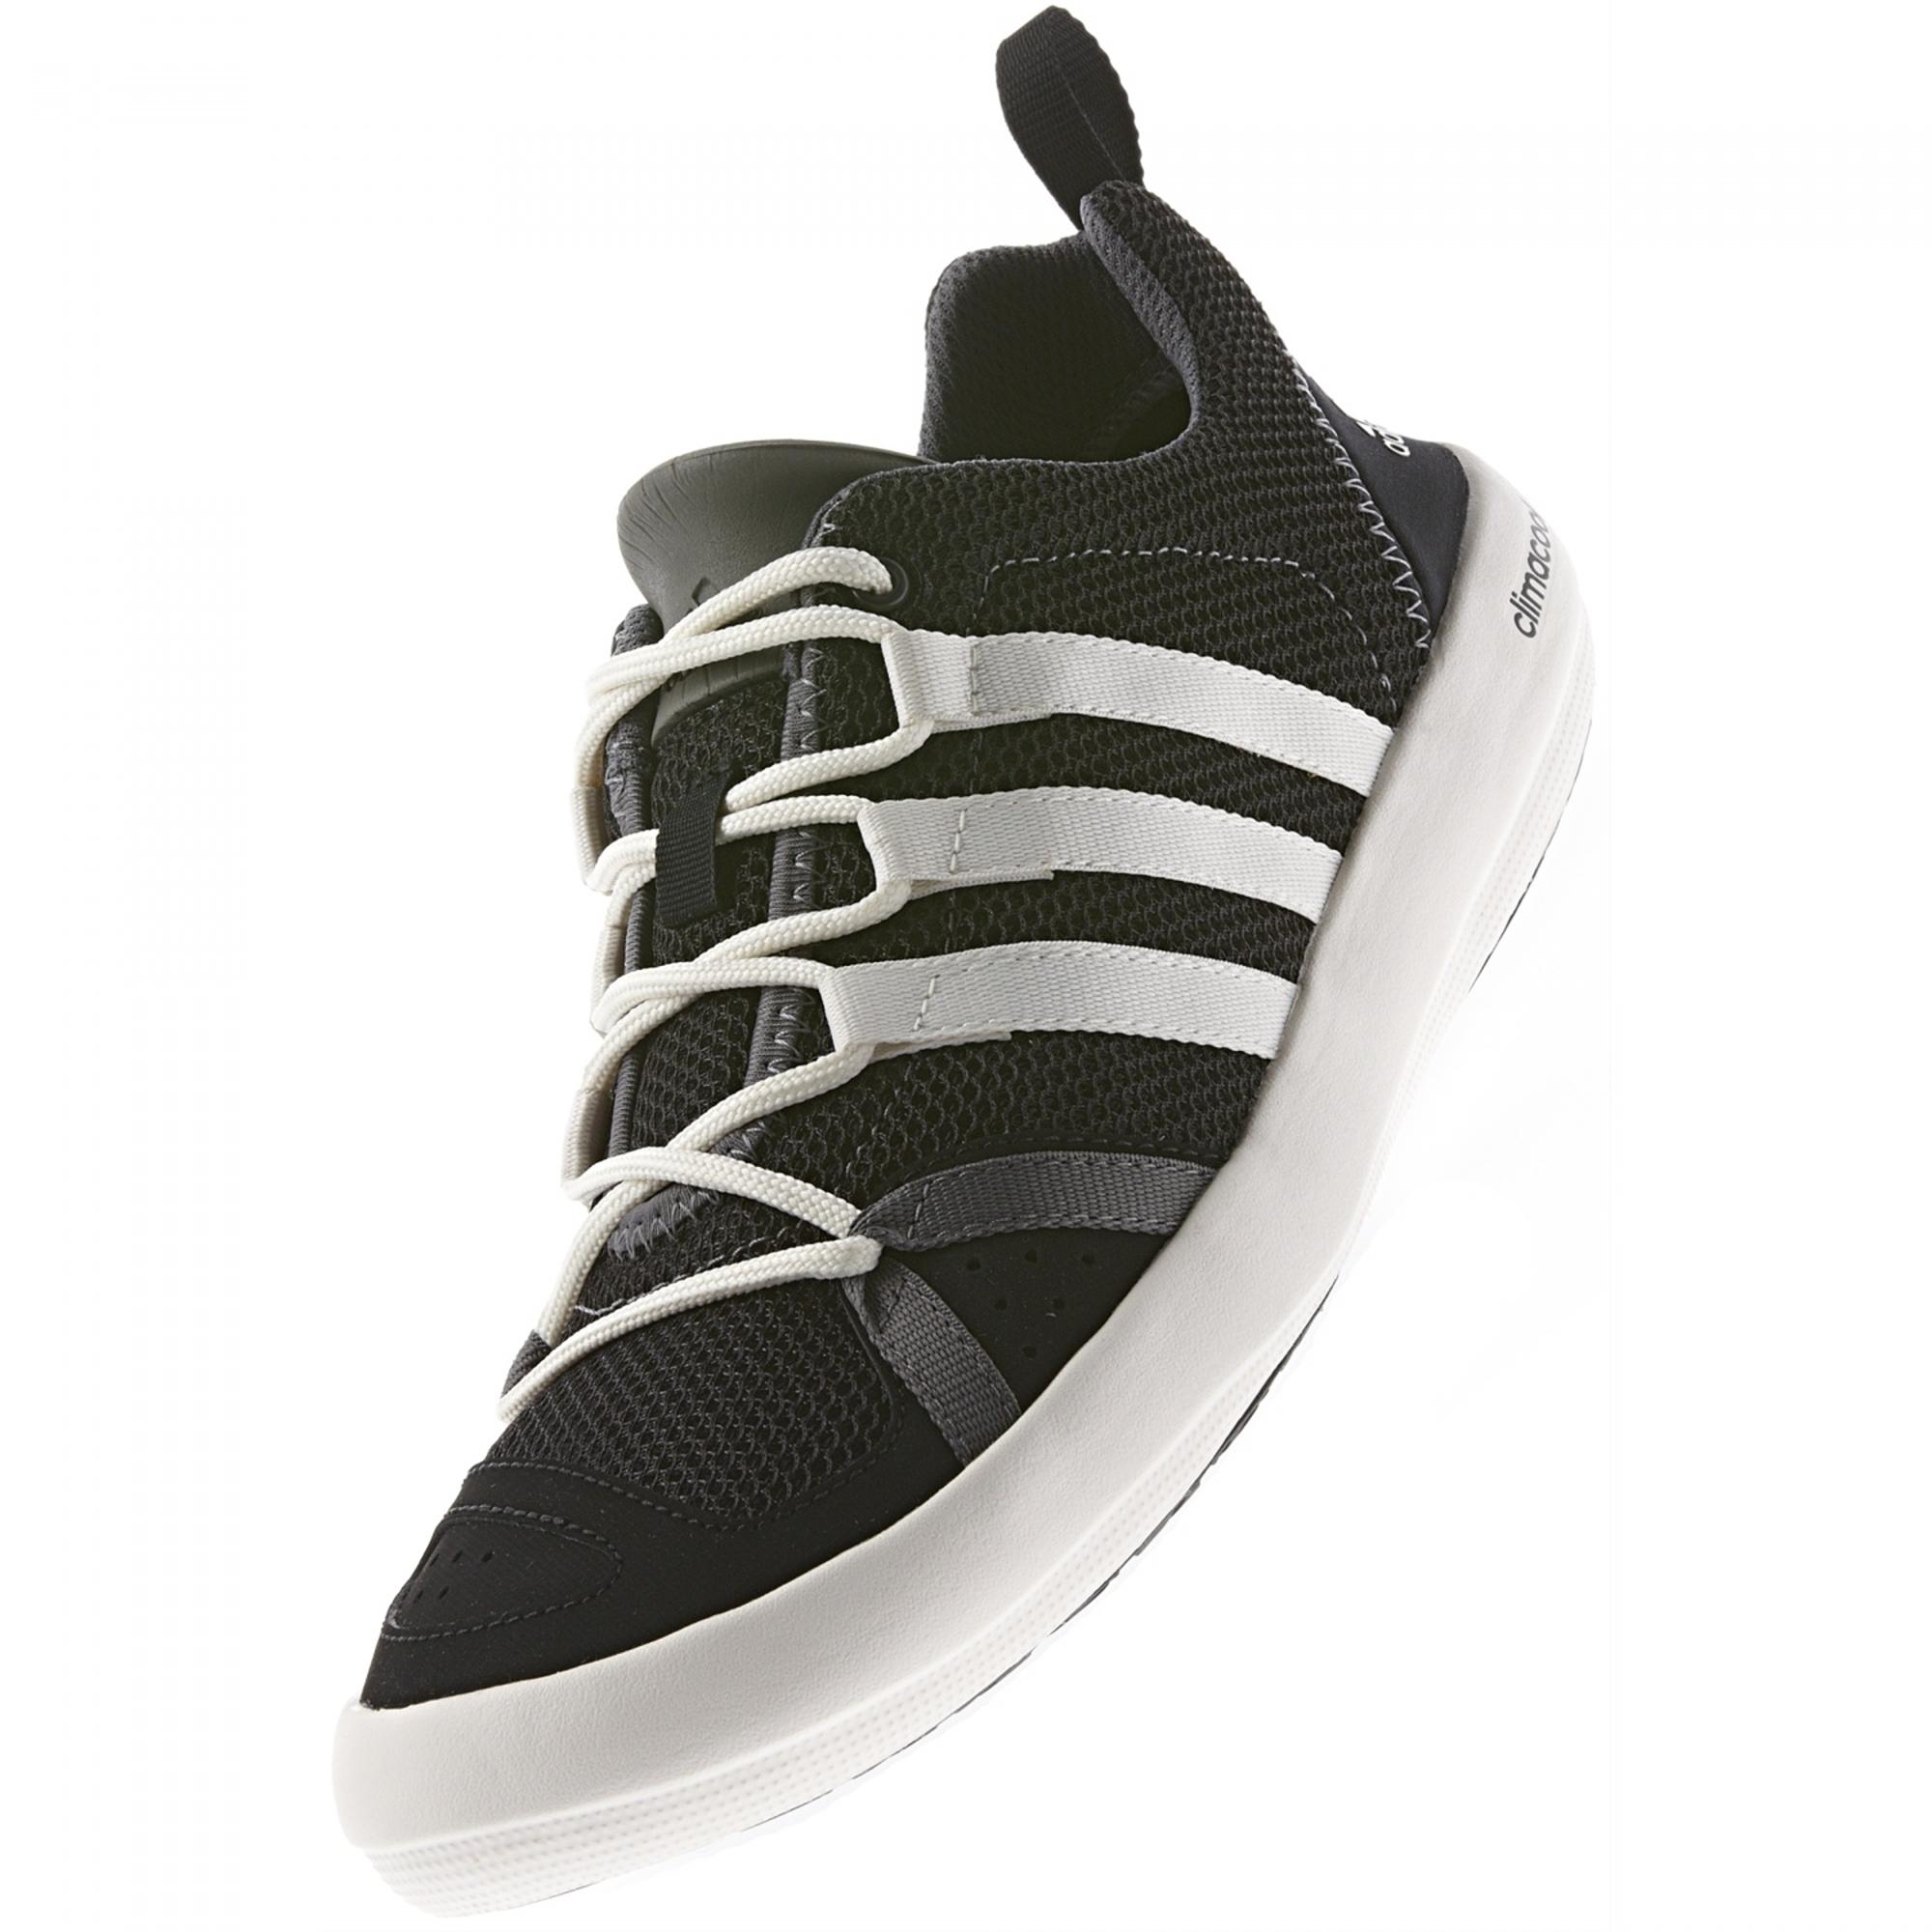 adidas climacool boat lace ss14 erkek spor ayakkab. Black Bedroom Furniture Sets. Home Design Ideas